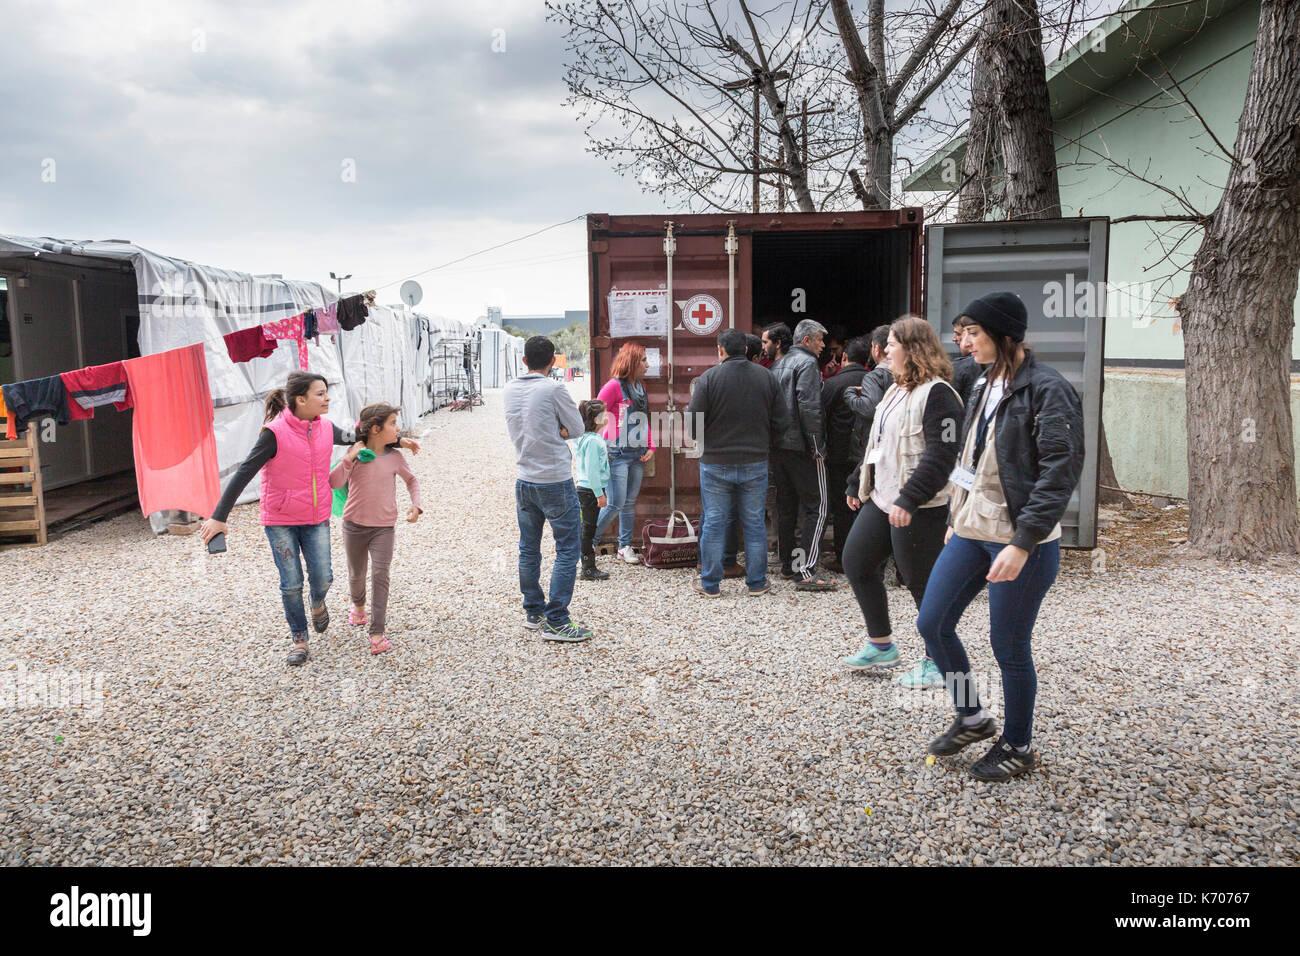 Am Ritsona Flüchtlingslager in Griechenland, Männer zu erfassen, indem Sie einen Transportbehälter, wie Büro- und Vertriebszentrum von der Griechischen Roten Kreuz verwendet. Stockbild